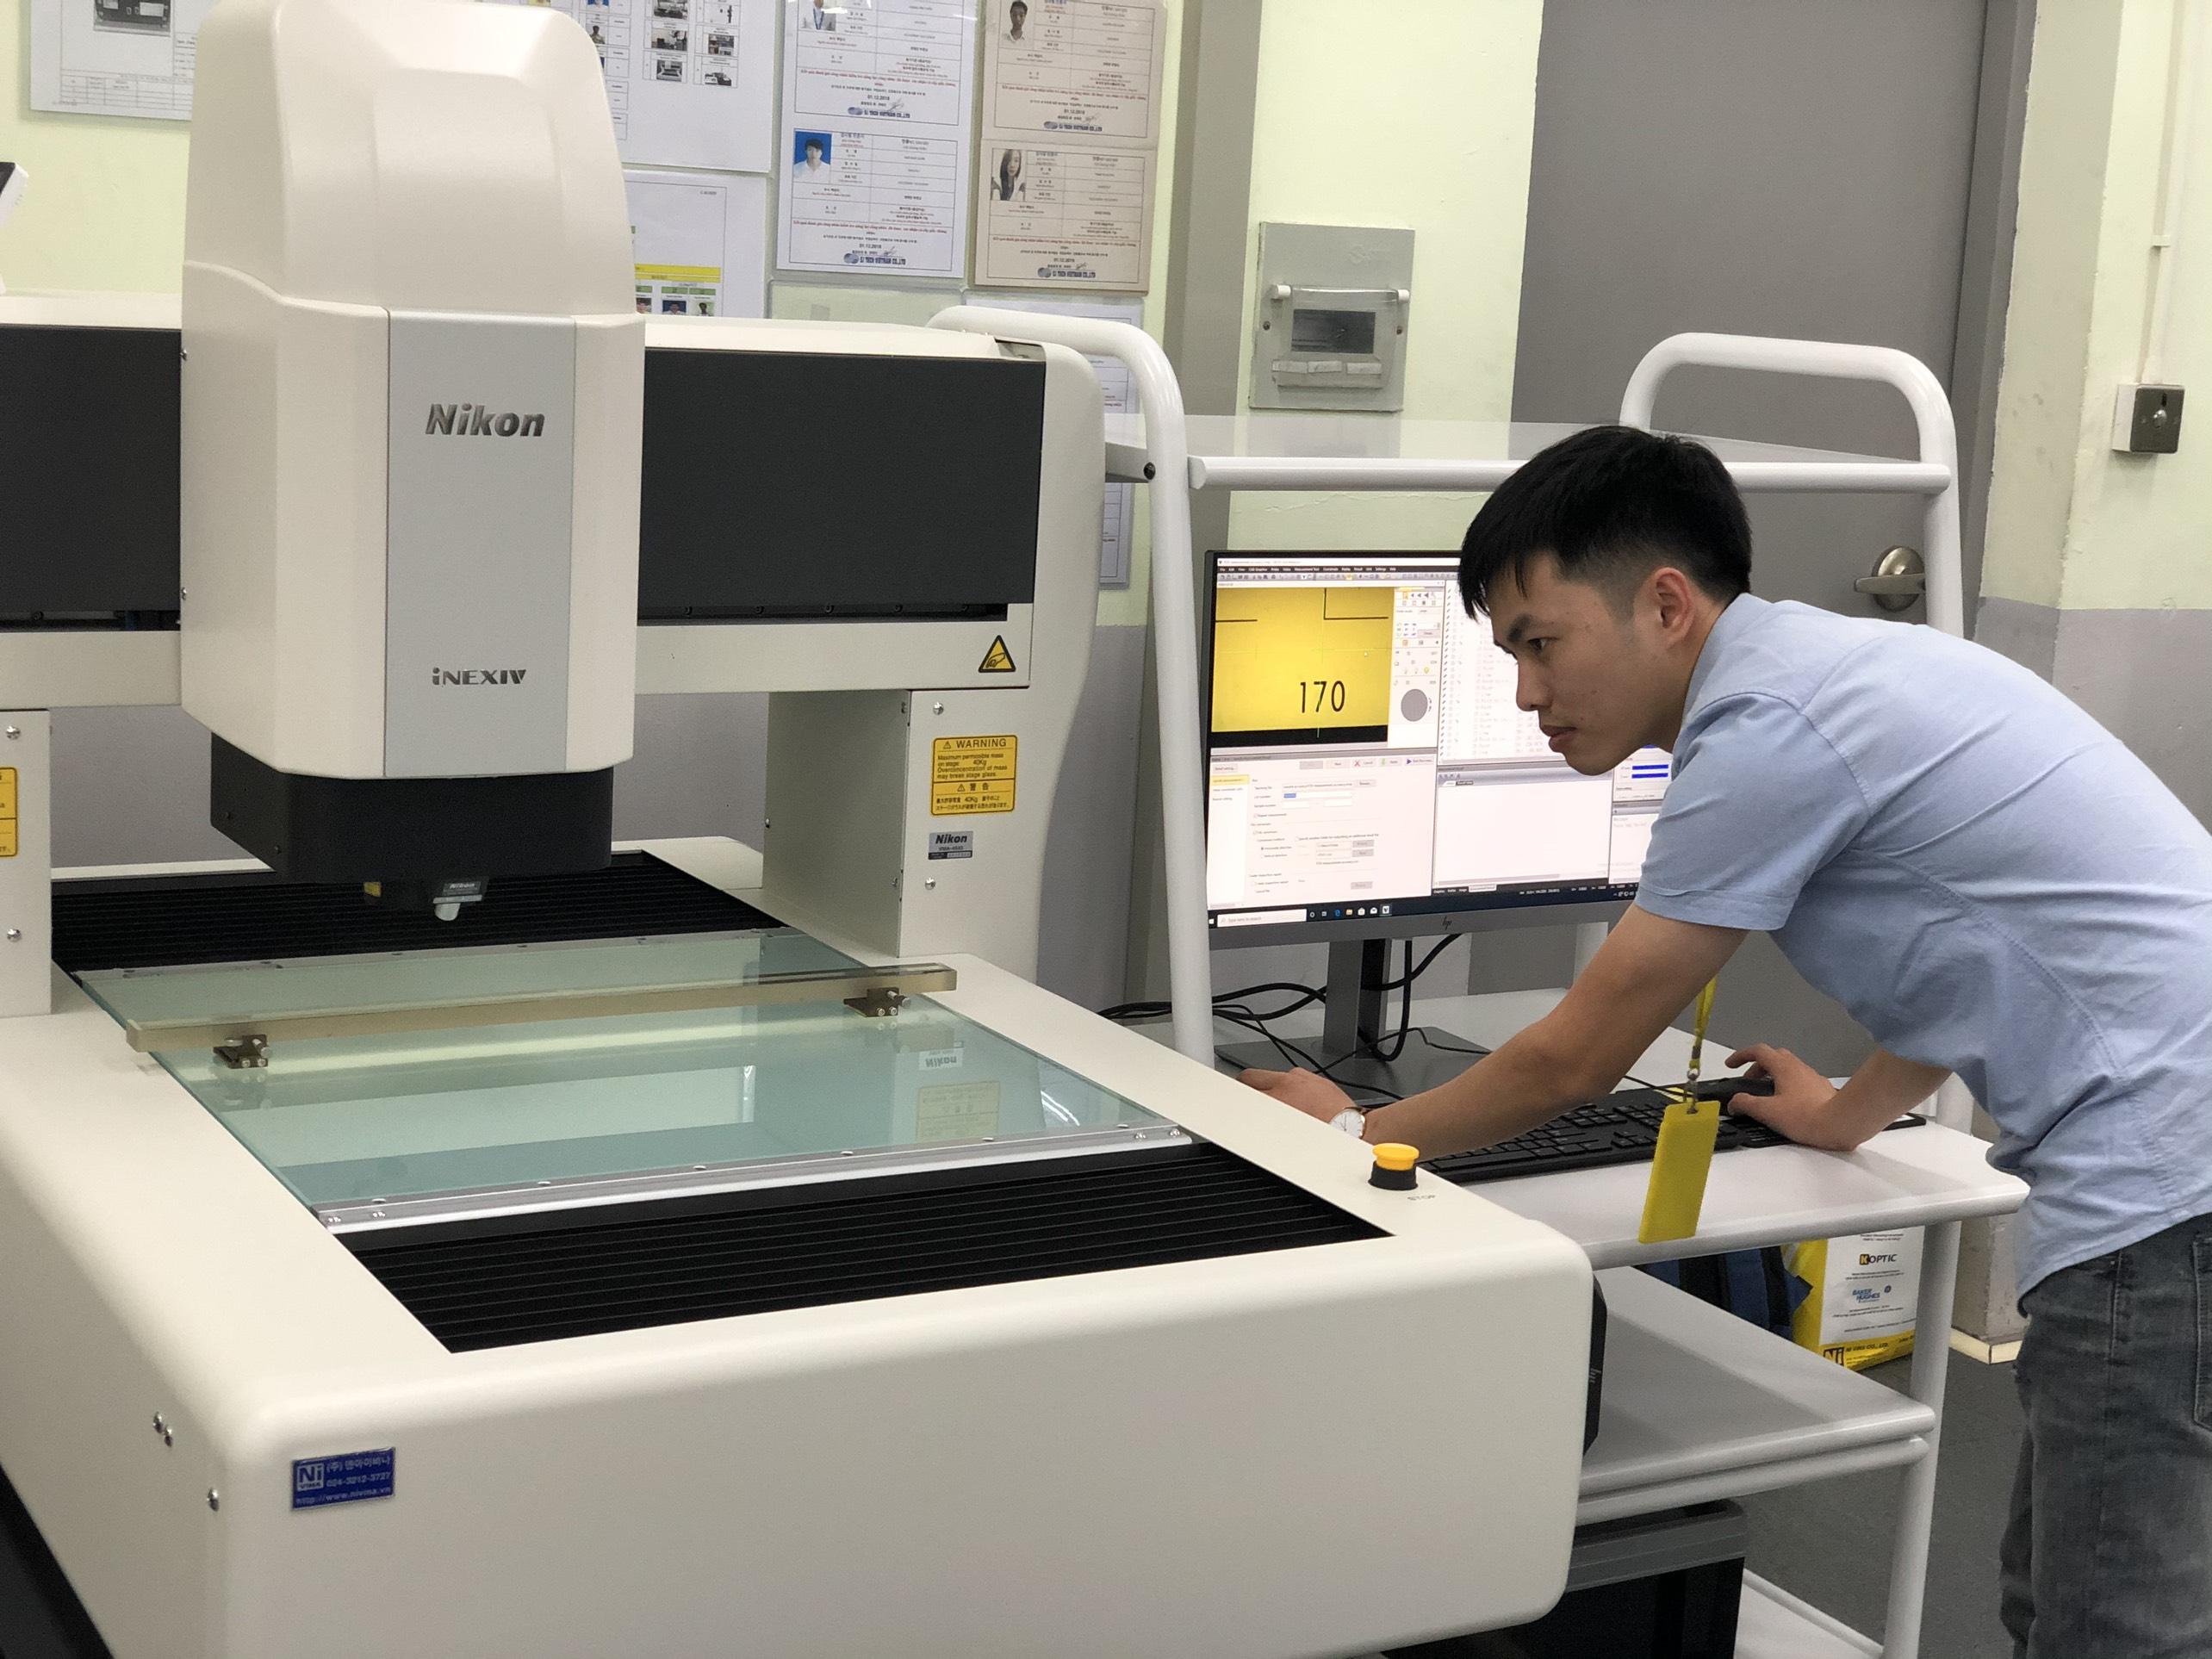 3D Vina – Trung tâm bảo hành, sửa chữa, hiệu chuẩn cho máy đo Nikon